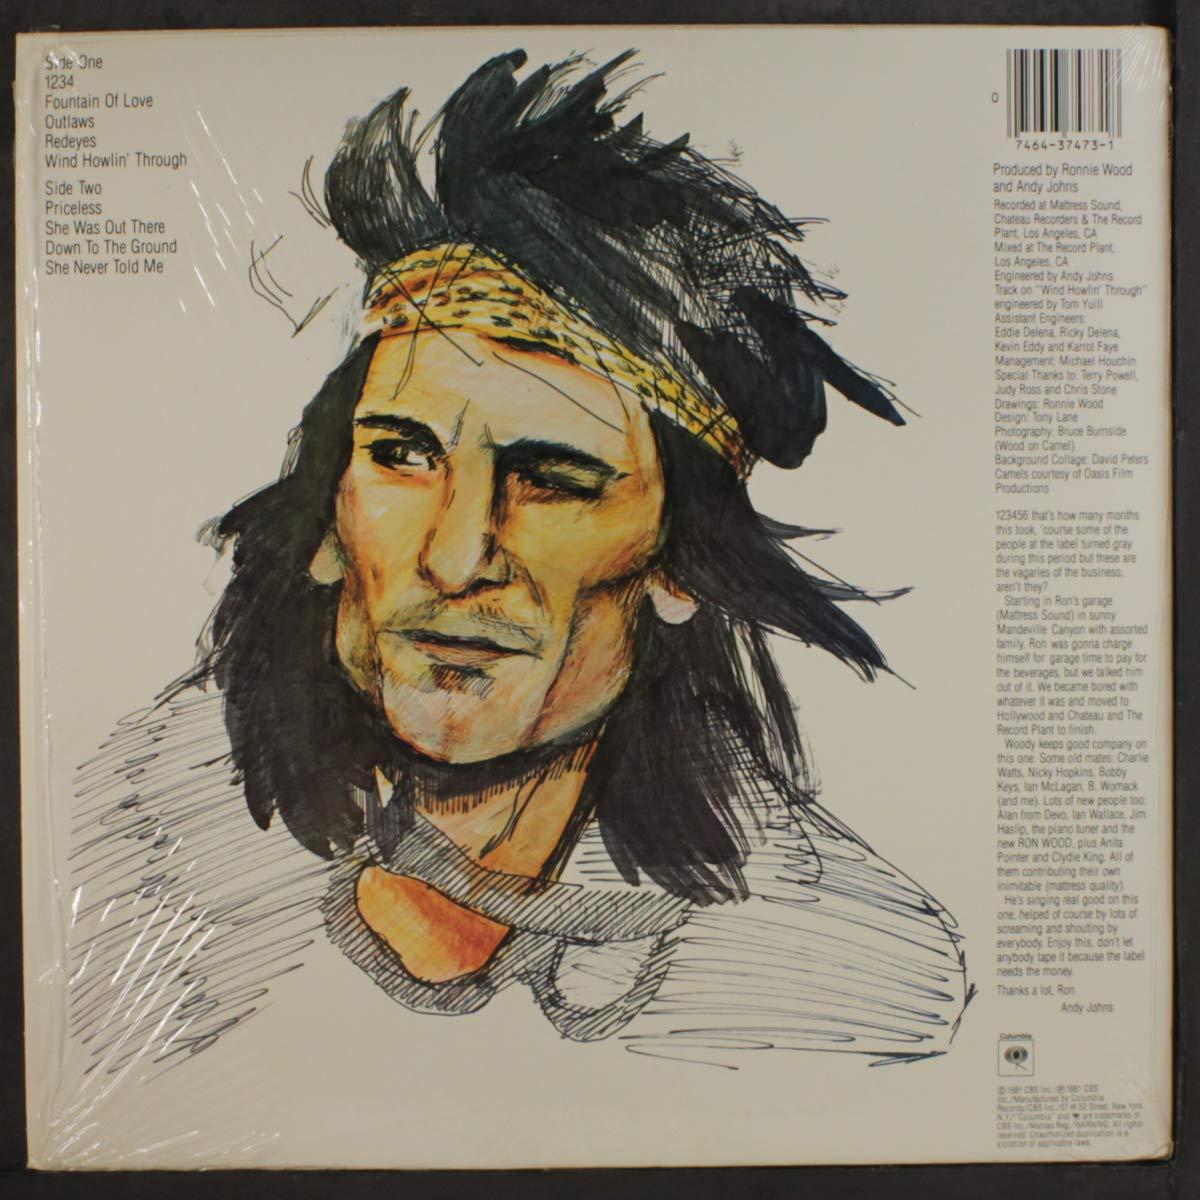 1234: RONNIE WOOD: Amazon.es: Música